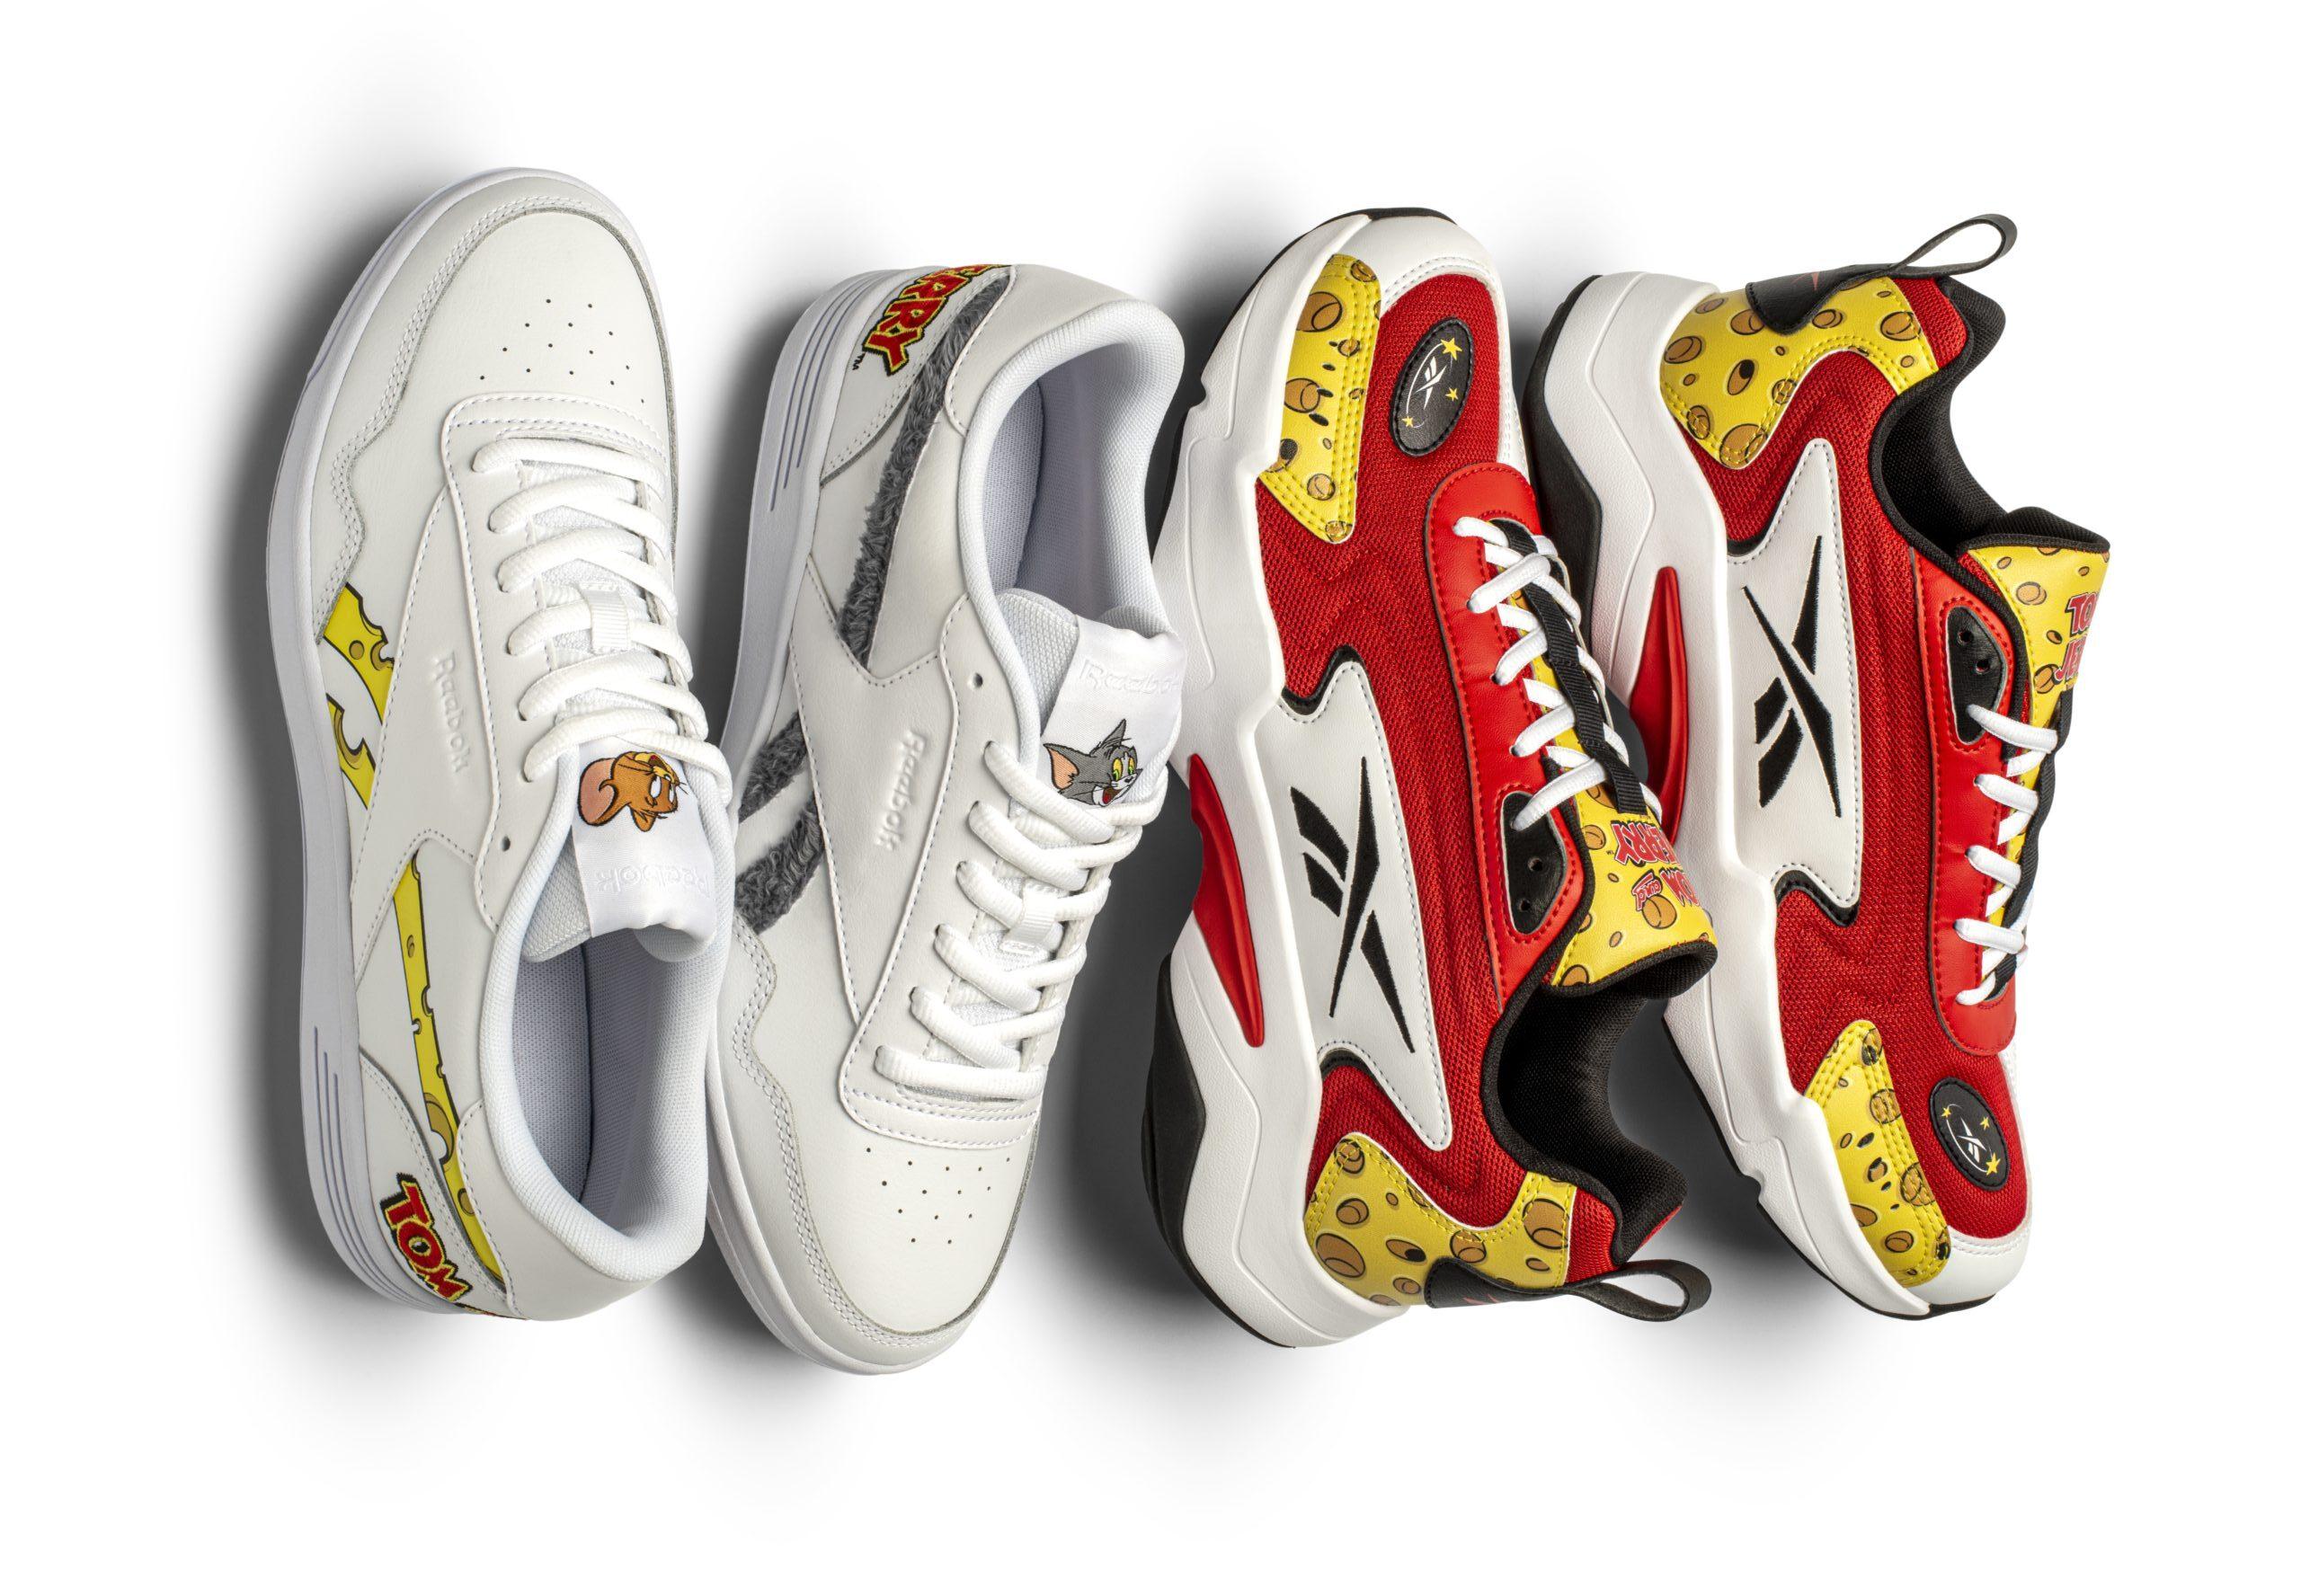 Последняя коллекция кроссовок Reebok & Tom & Jerry в честь персонажа Droopy